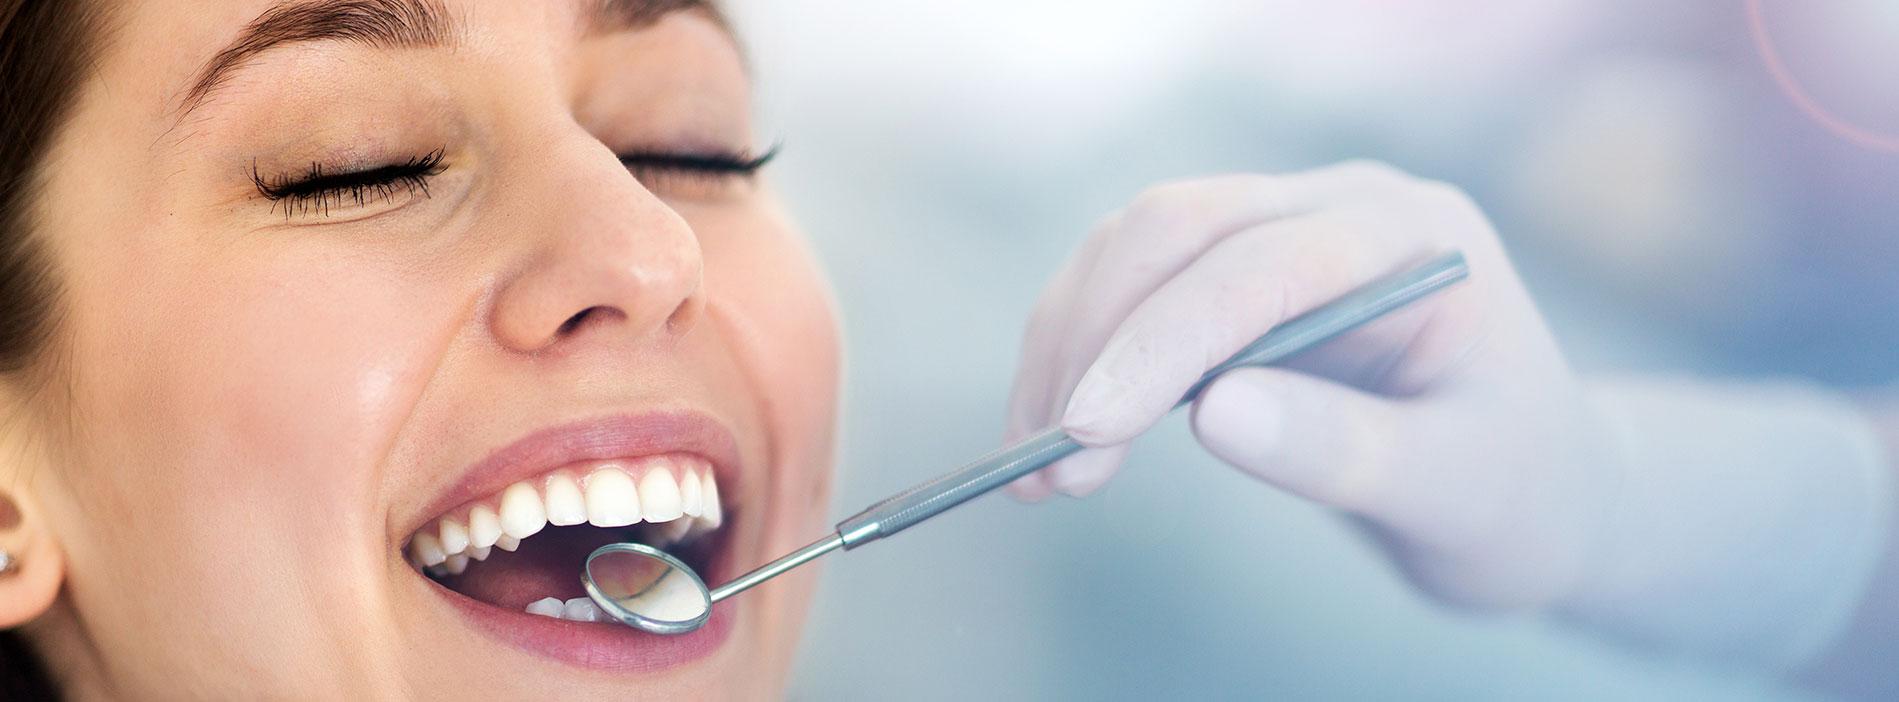 Woman smiling at dental